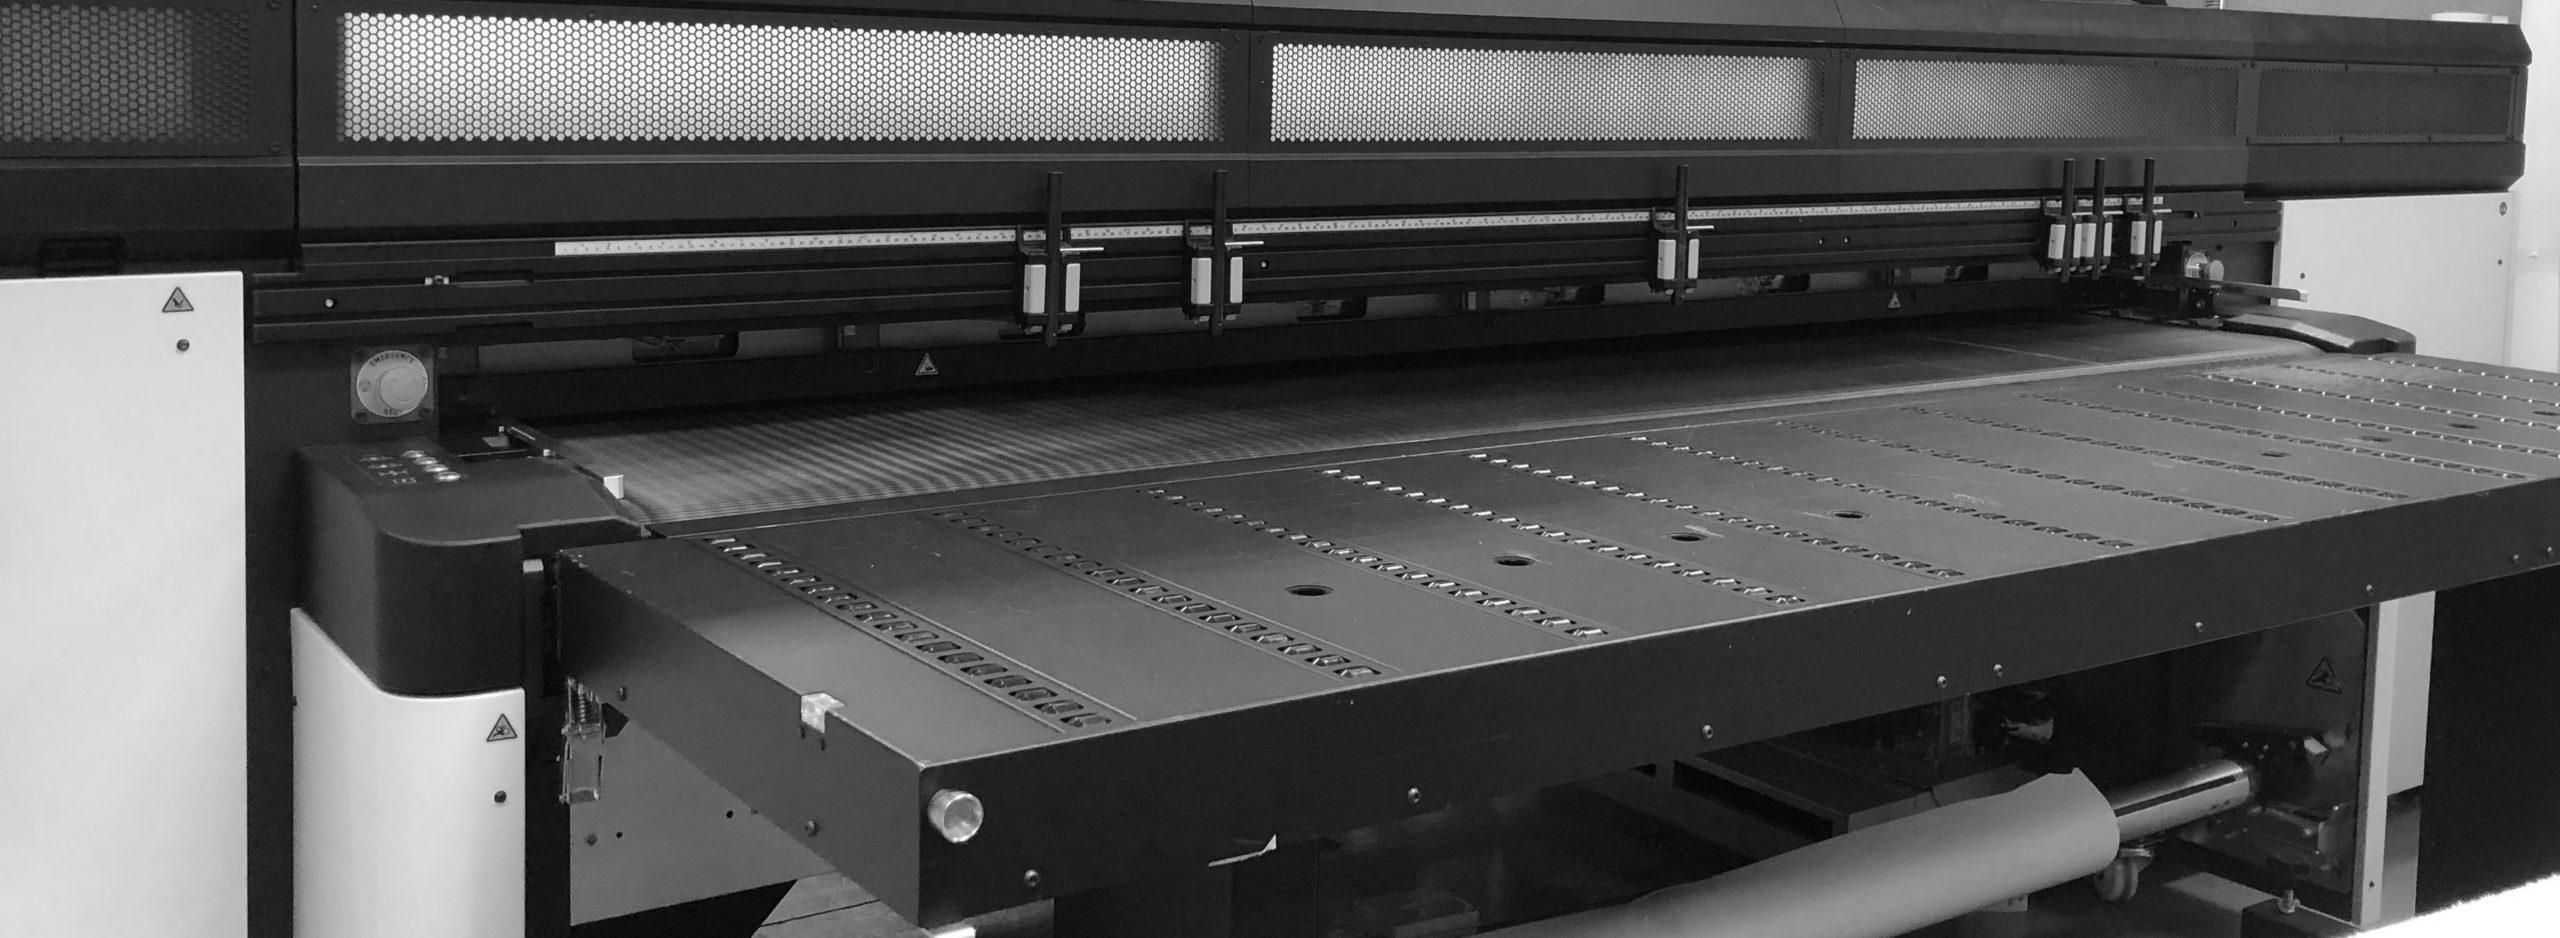 L'origen de la impressió. Qui va crear la primera impressora?